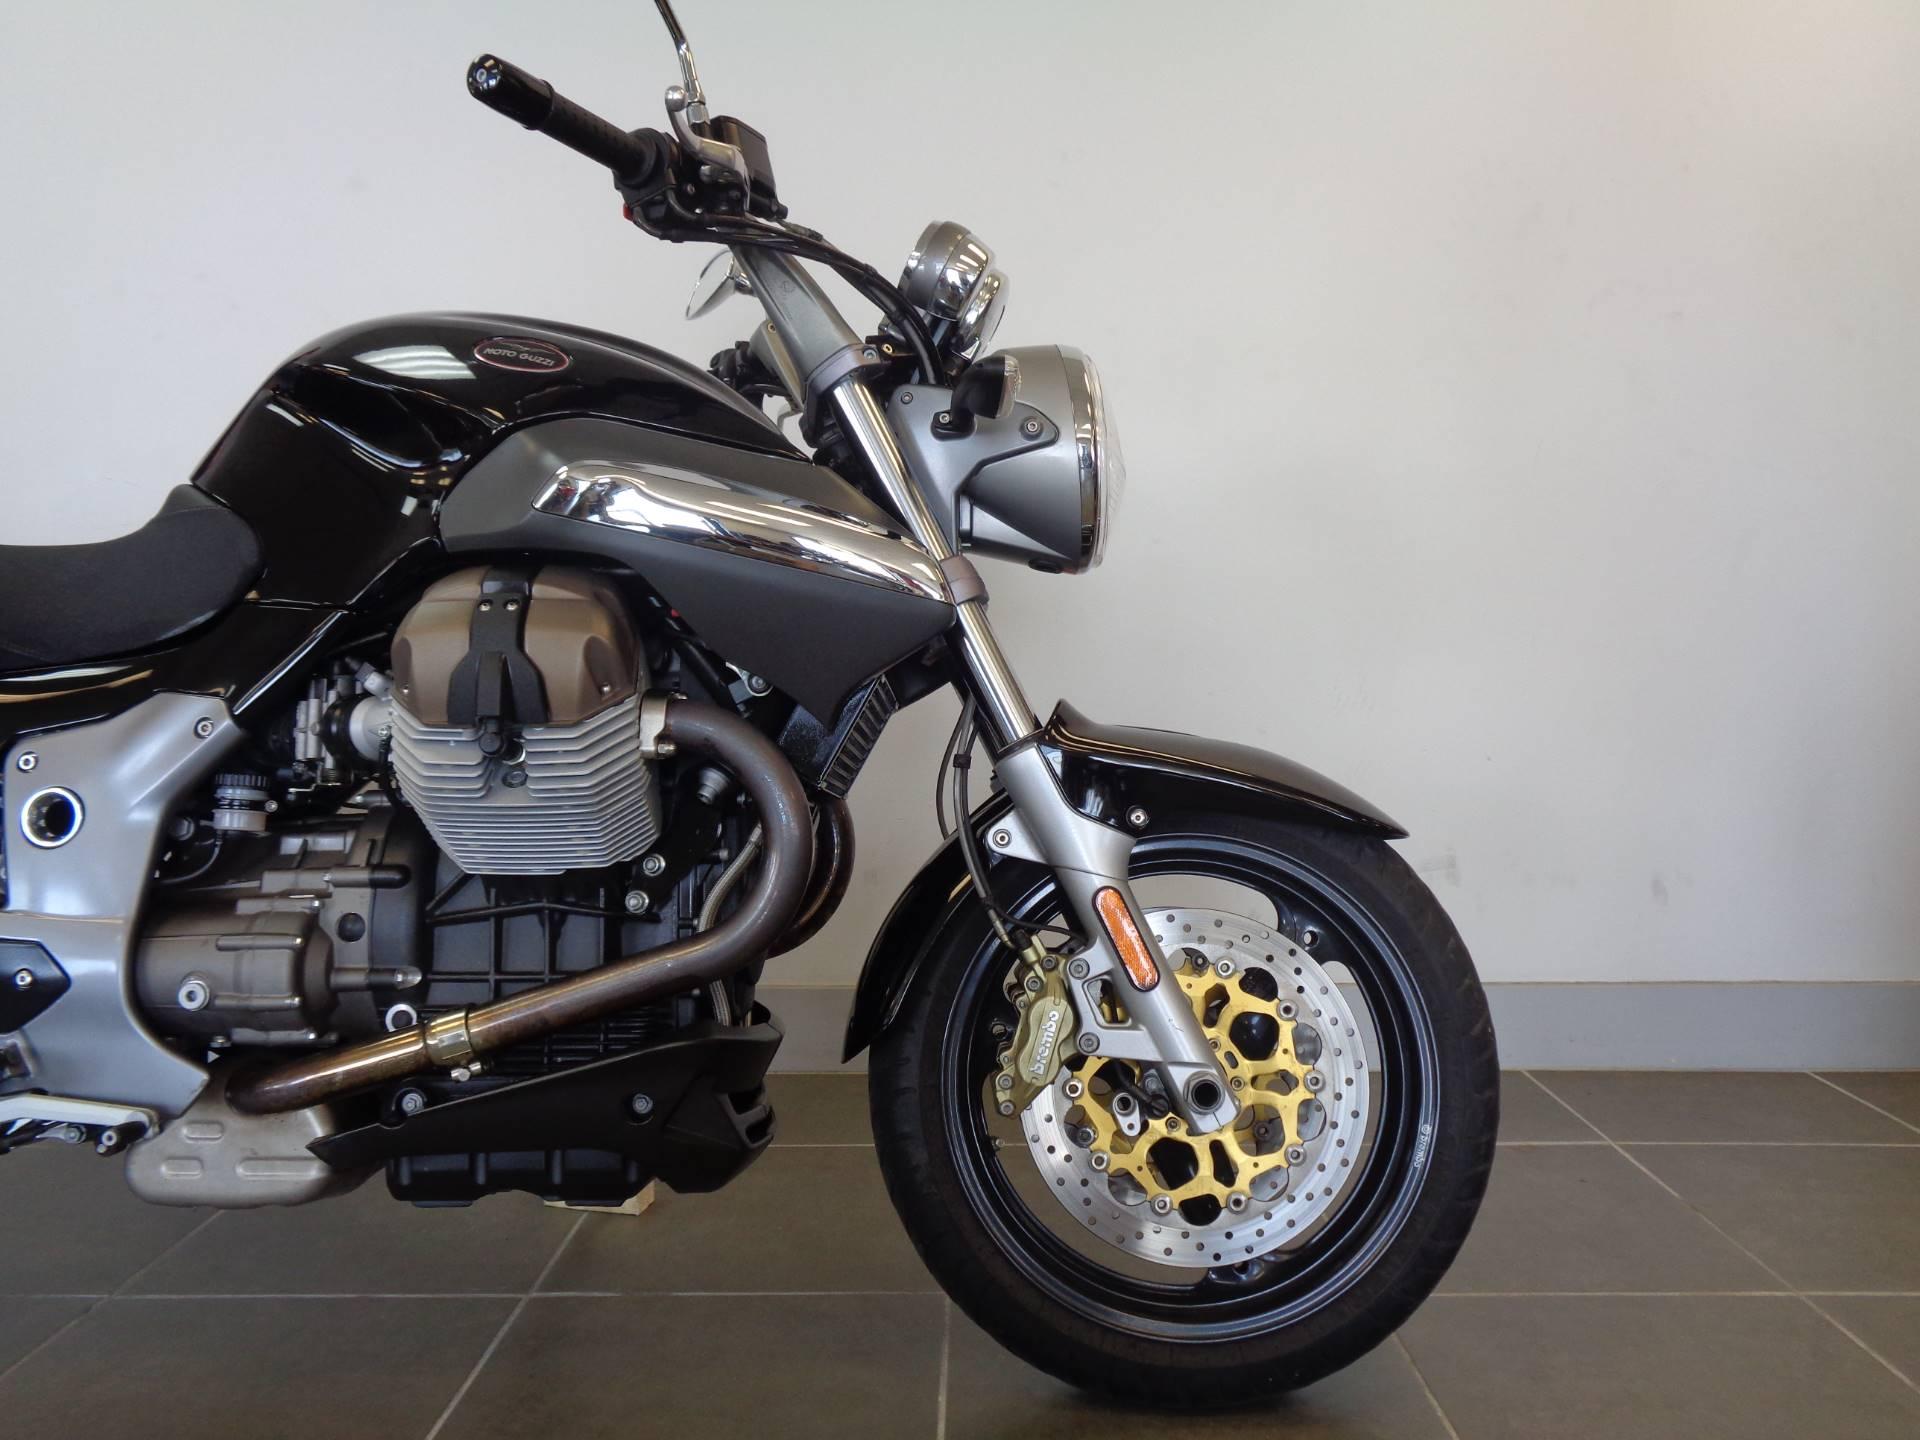 2007 Moto Guzzi Breva 1100 3